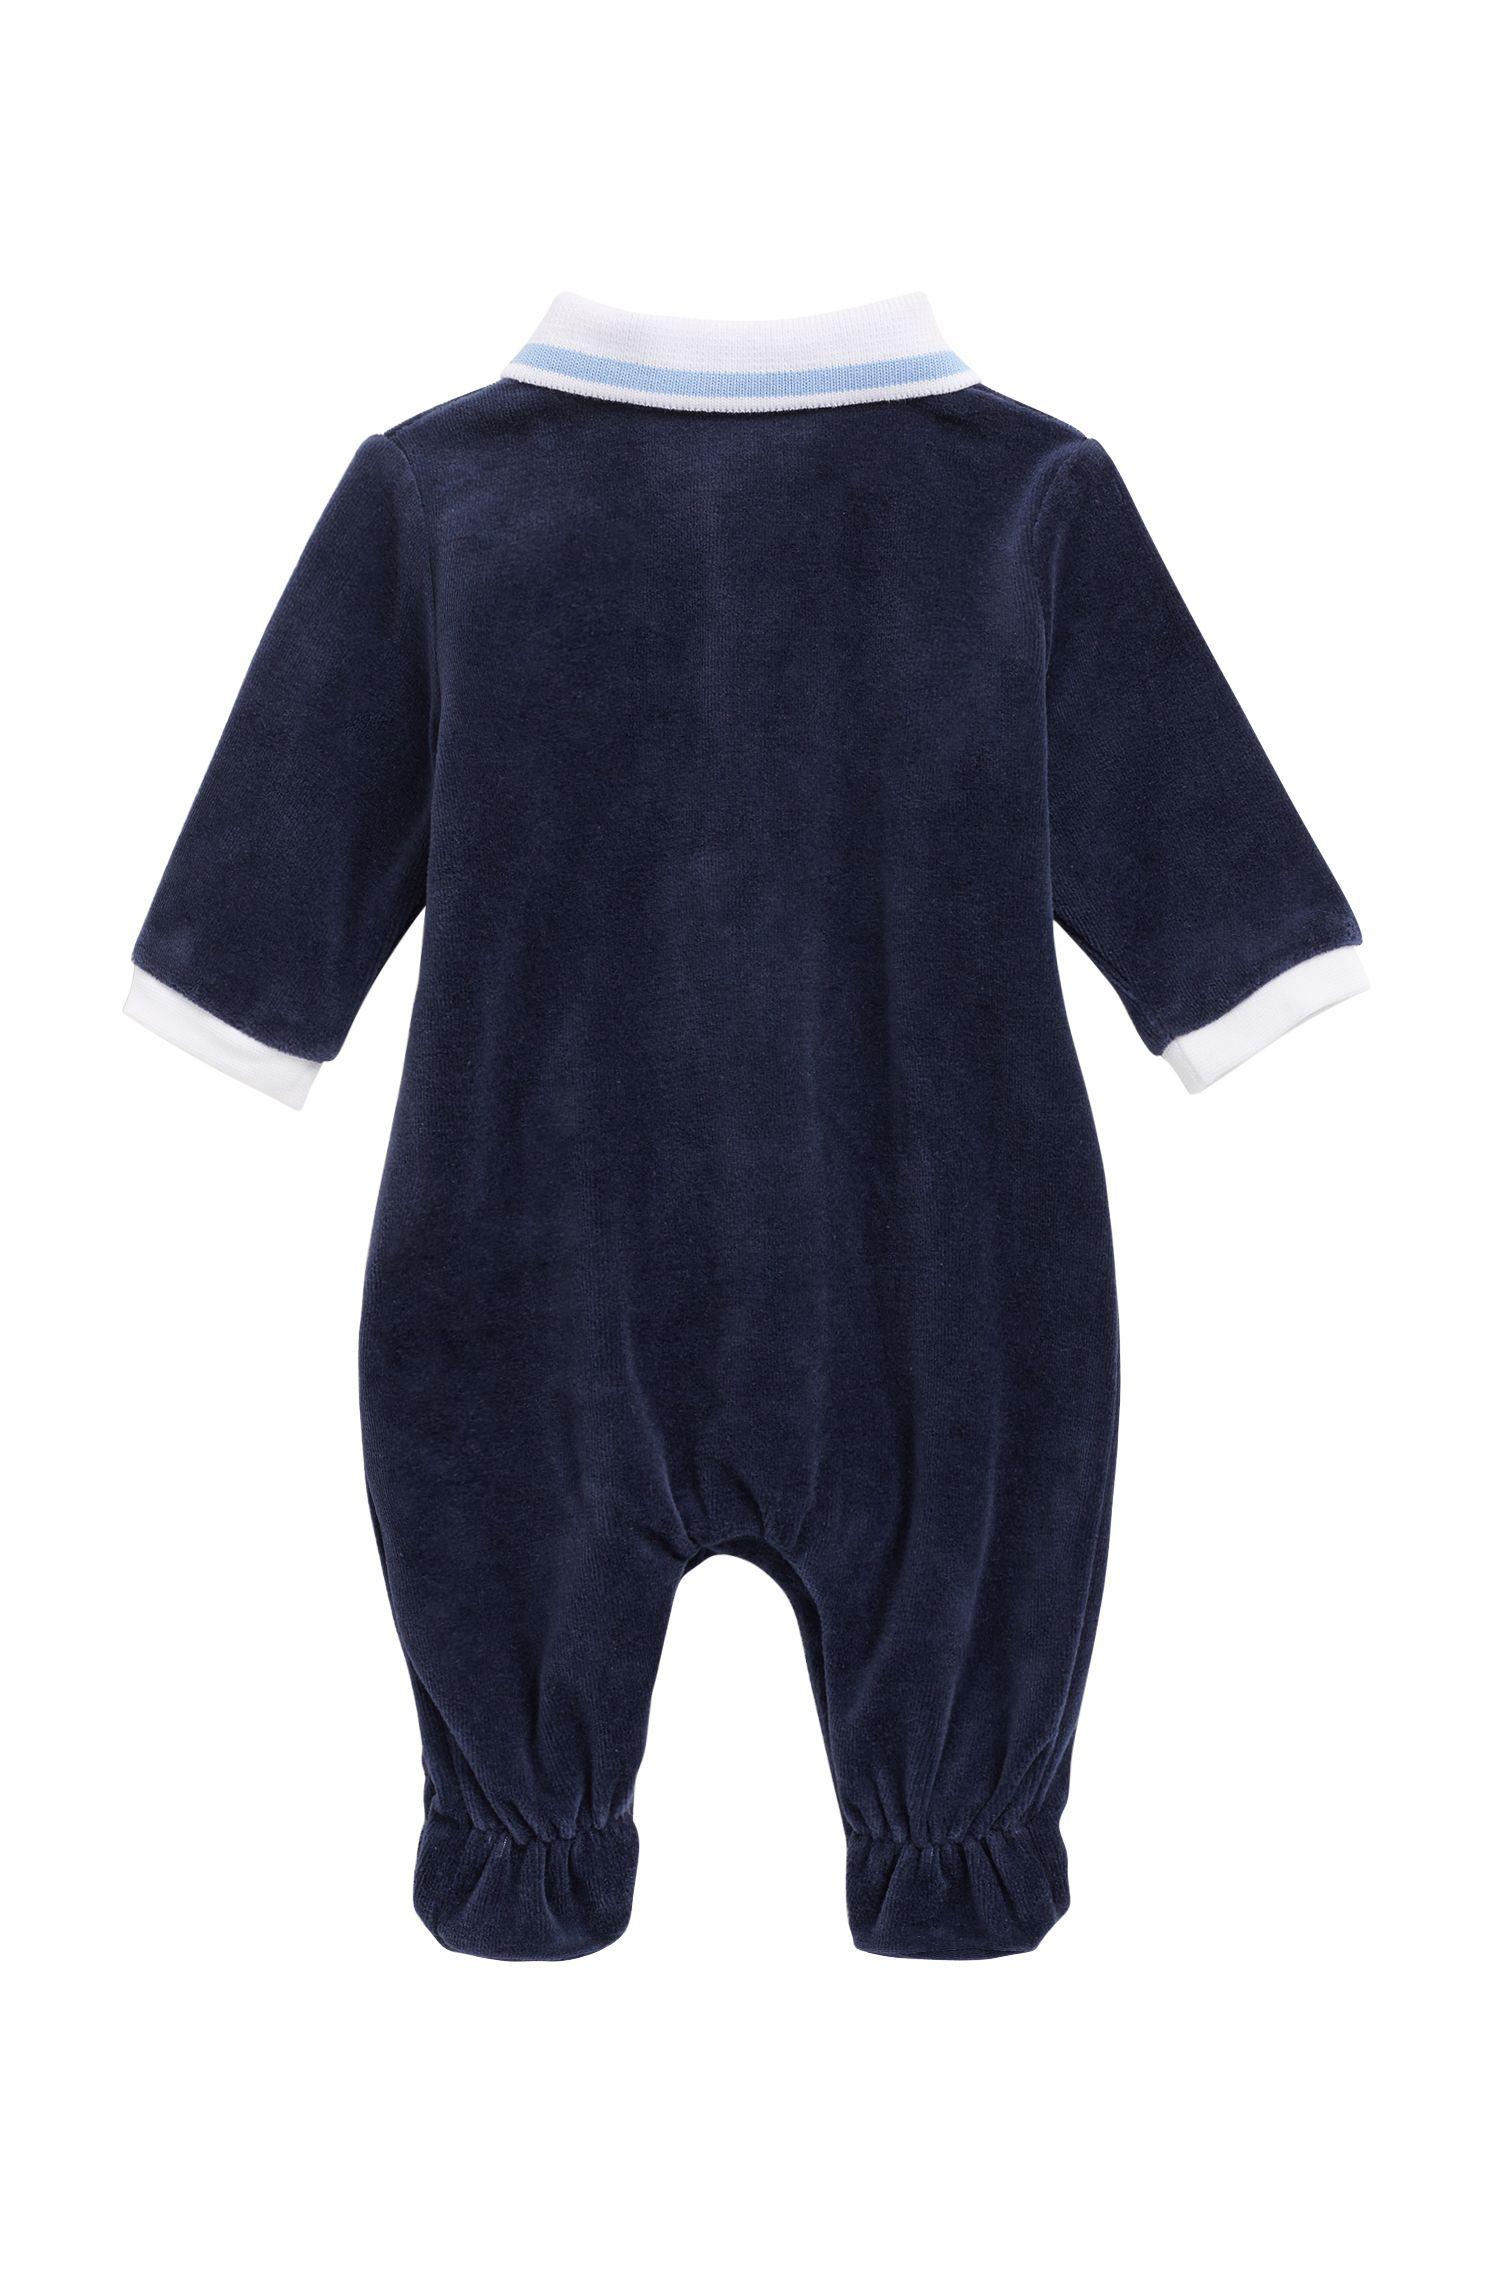 Baby-Pyjama aus Baumwoll-Mix mit Samt-Finish, Dunkelblau